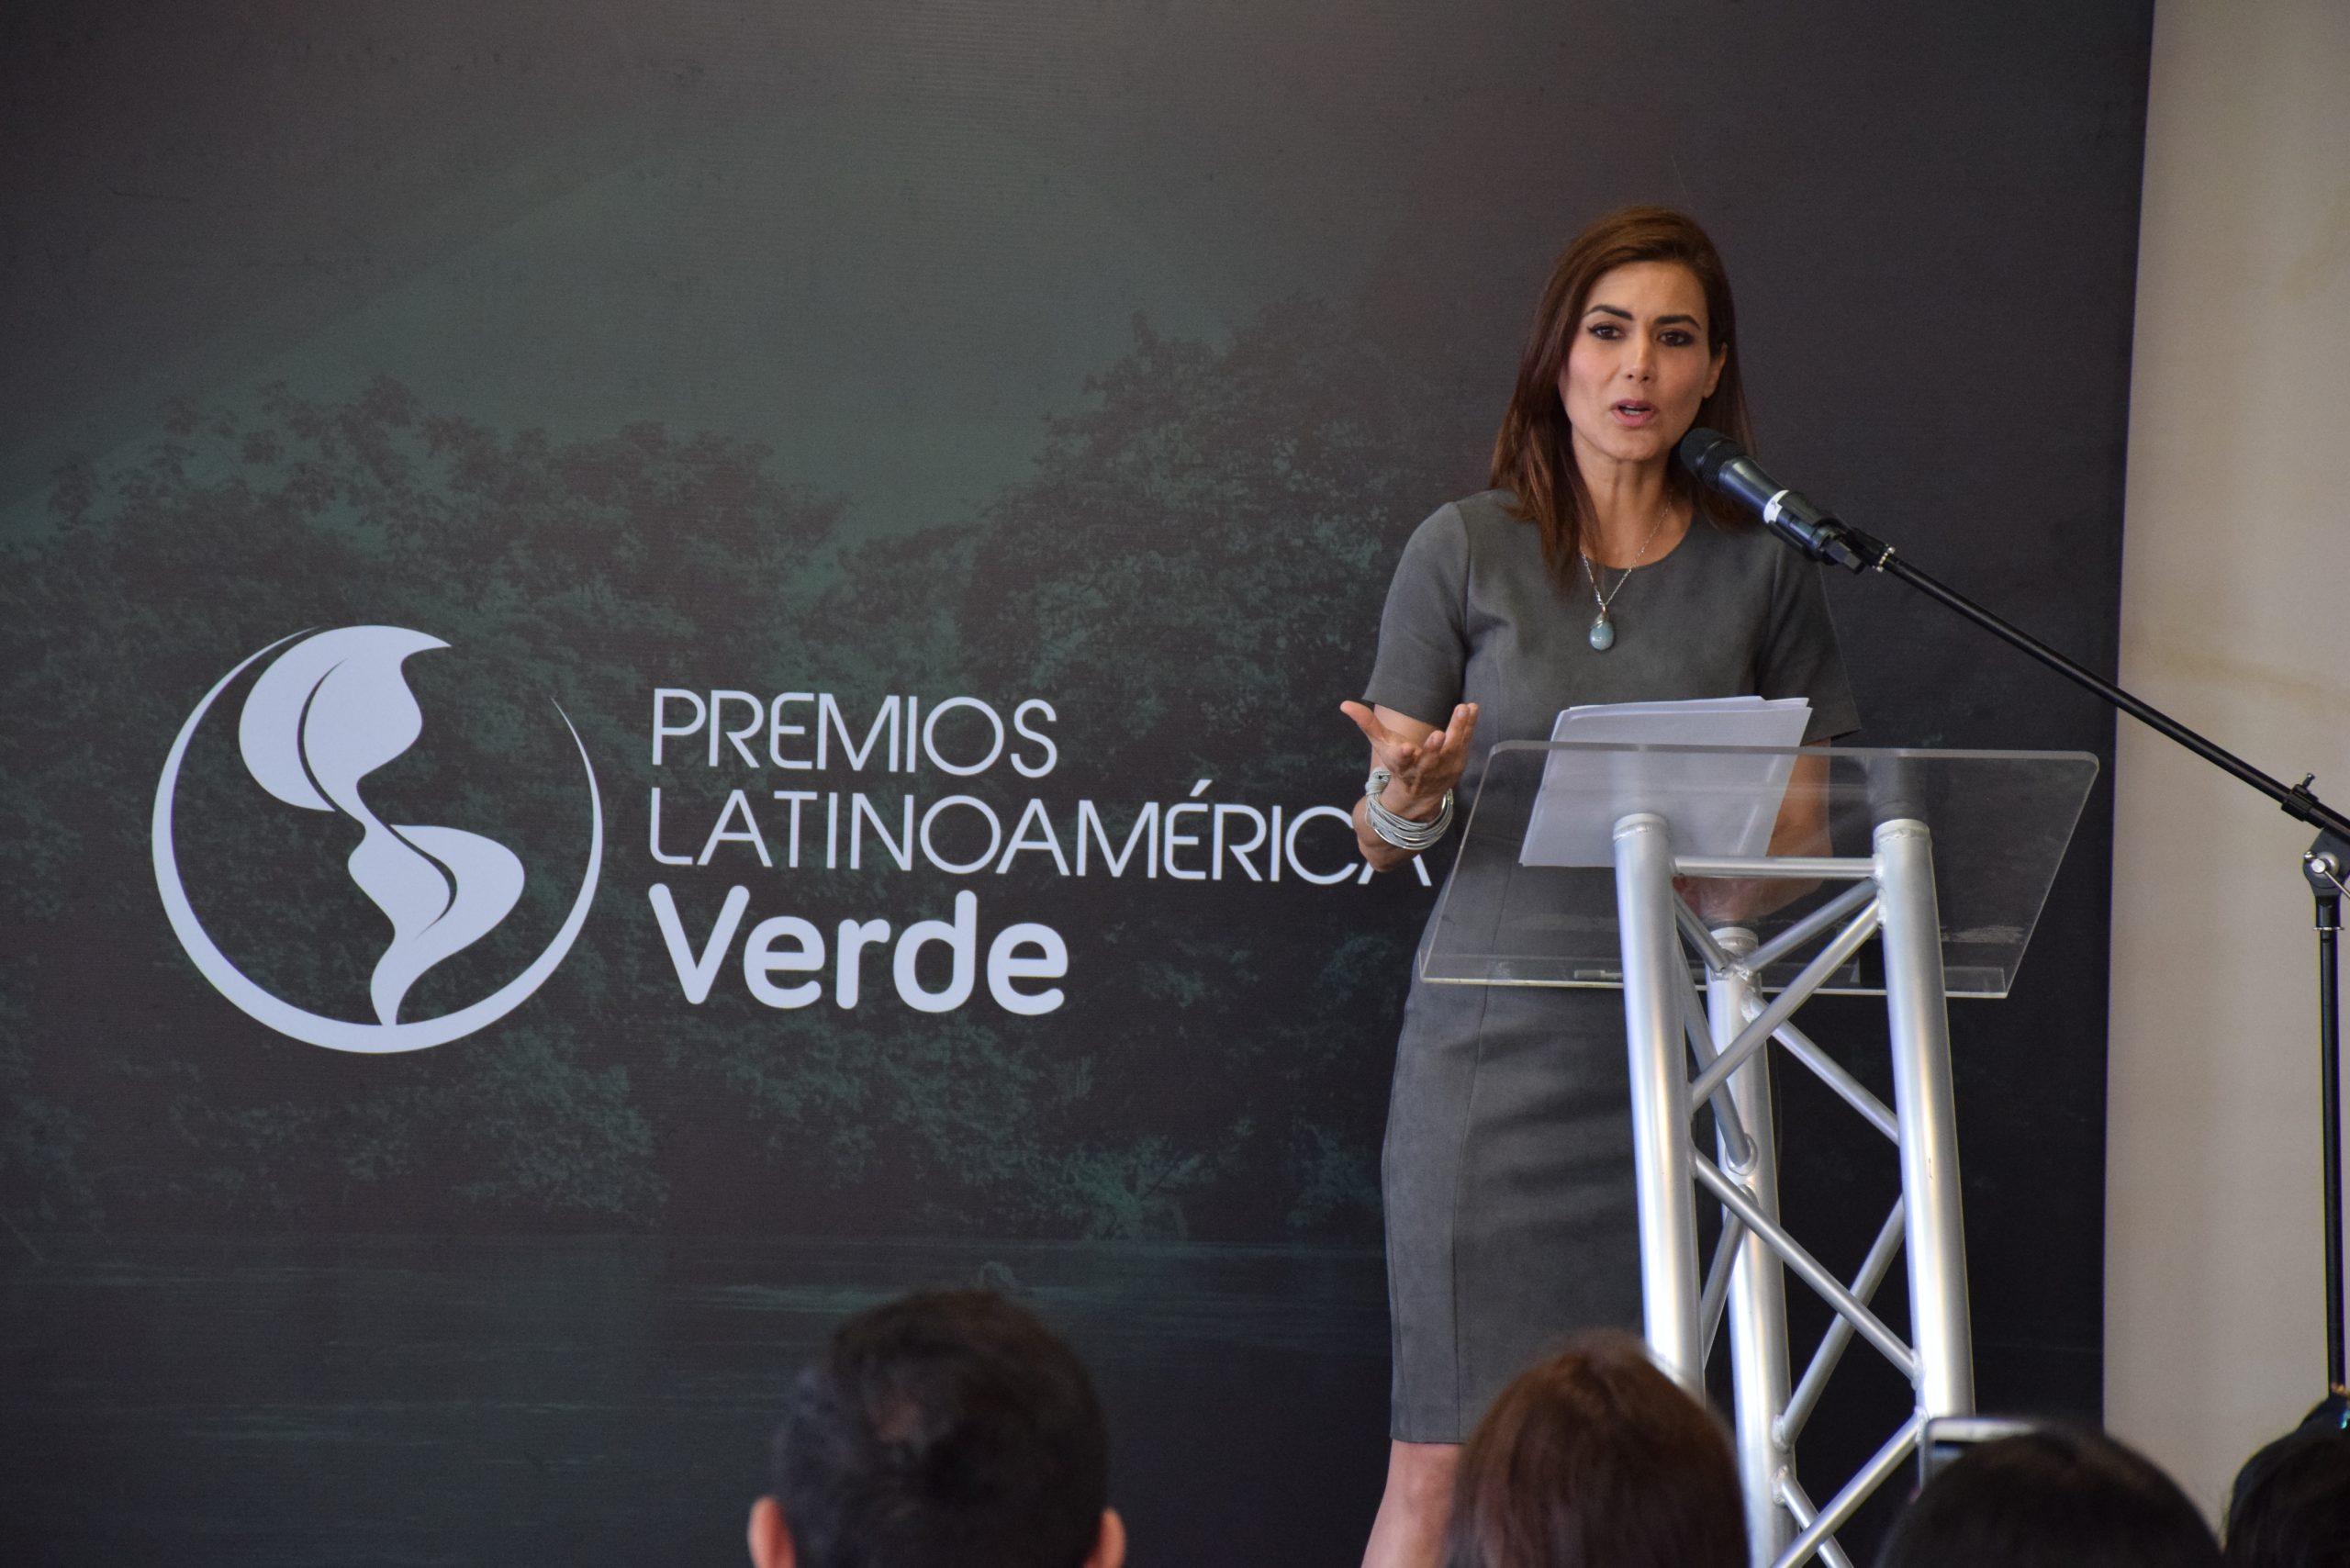 SEMANA DE LA SOSTENIBILIDAD: PREMIOS LATINOAMÉRICA VERDE PRESENTA LOS DIÁLOGOS Y CONVERSATORIOS QUE SE ABORDARÁN EN EL MARCO DE LA OCTAVA EDICIÓN.